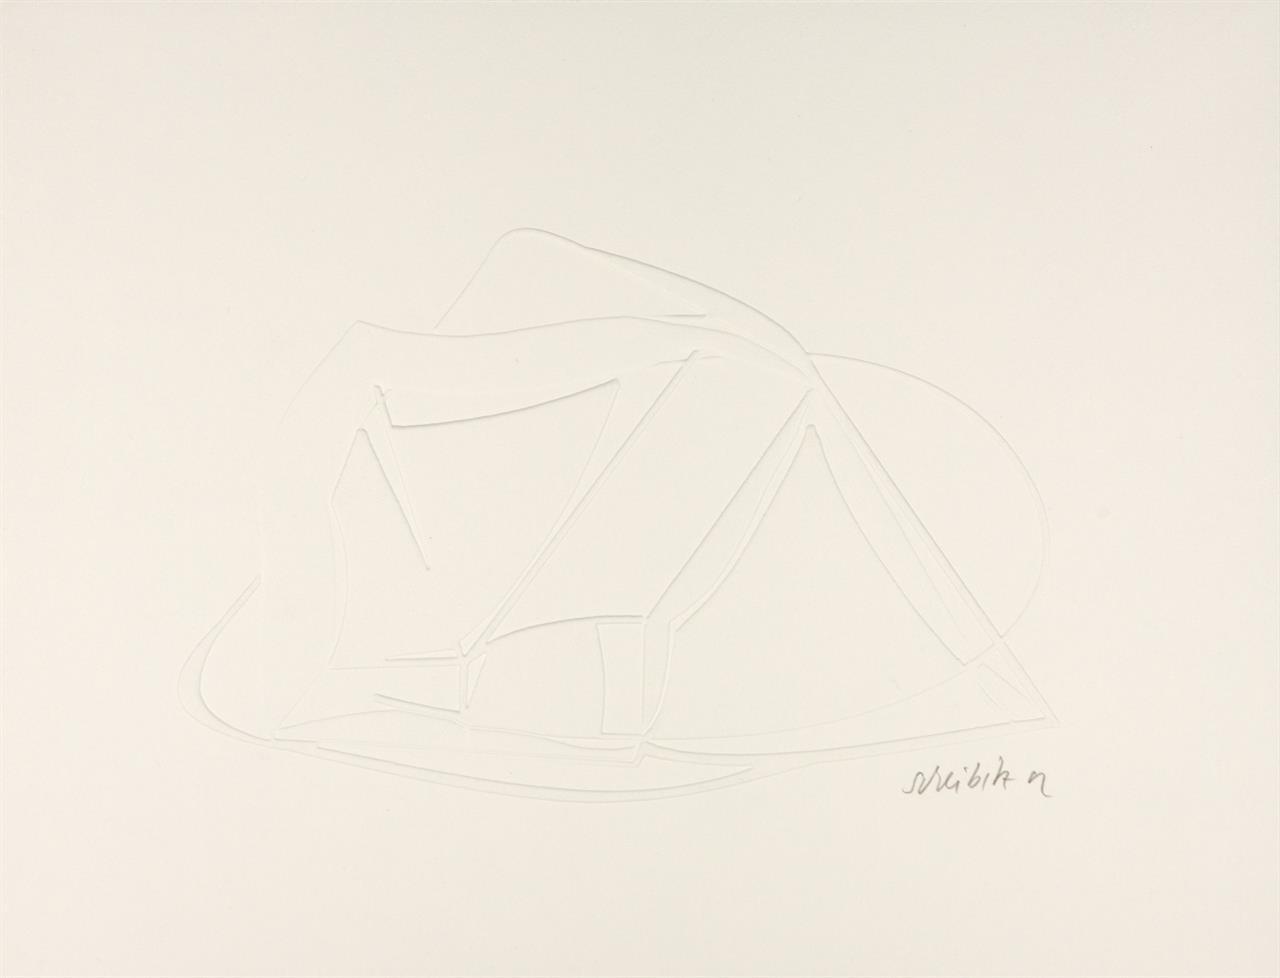 Thomas Scheibitz. Aus: Sanford. 2002. Prägedruck und Photogravure. 2 Blatt. Signiert. Griffelkunst 307 A3 - 4.